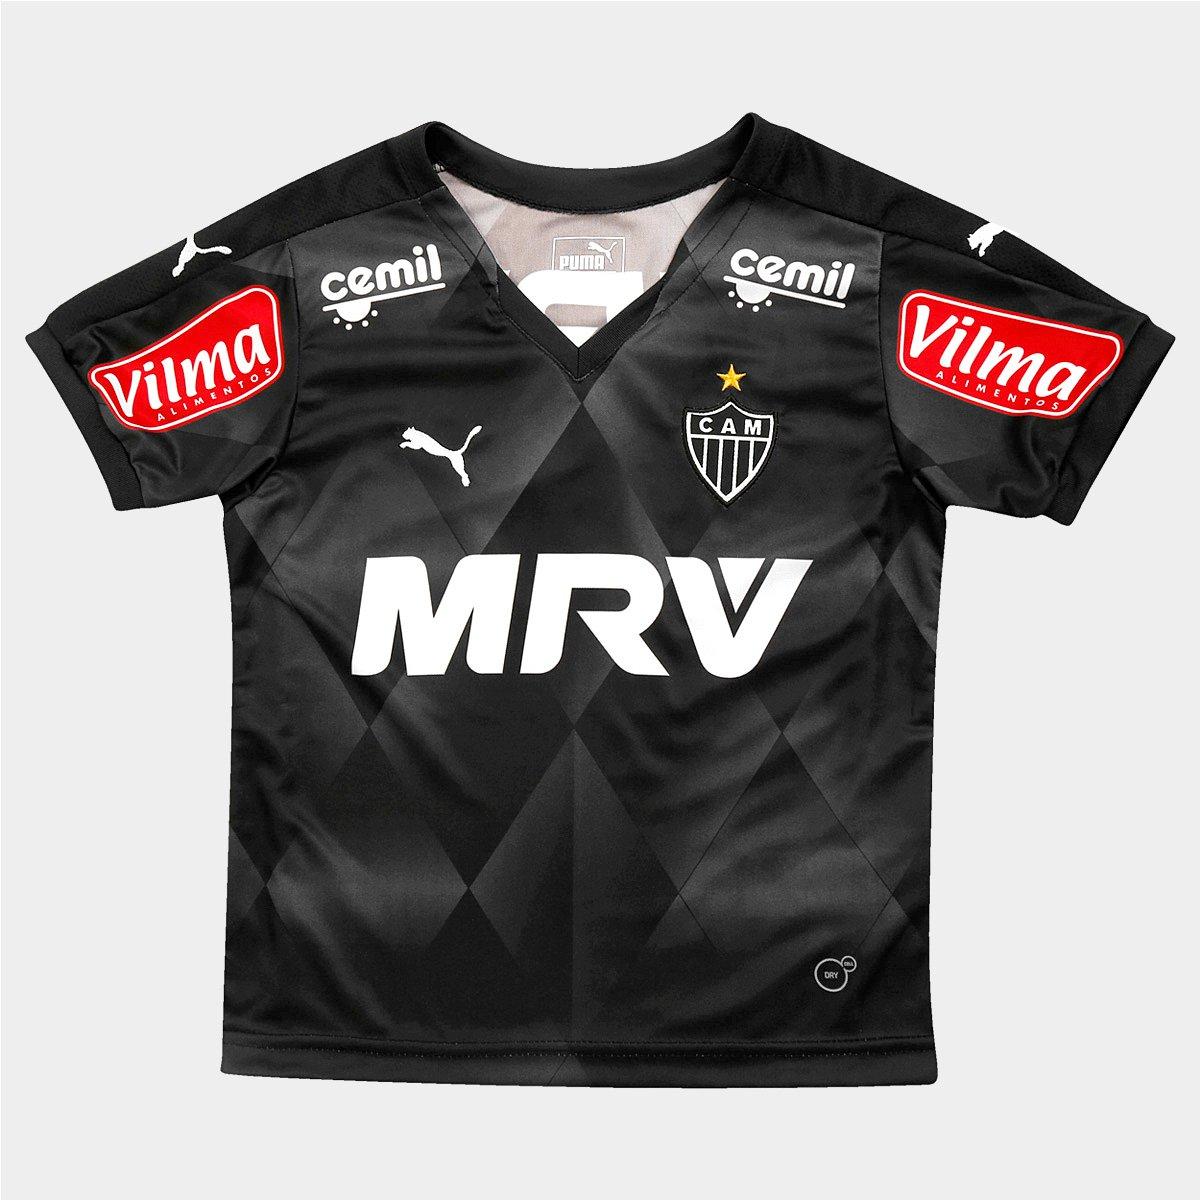 Camisa Puma Atlético Mineiro III 2015 s nº Juvenil - Compre Agora ... 482950a5a631d